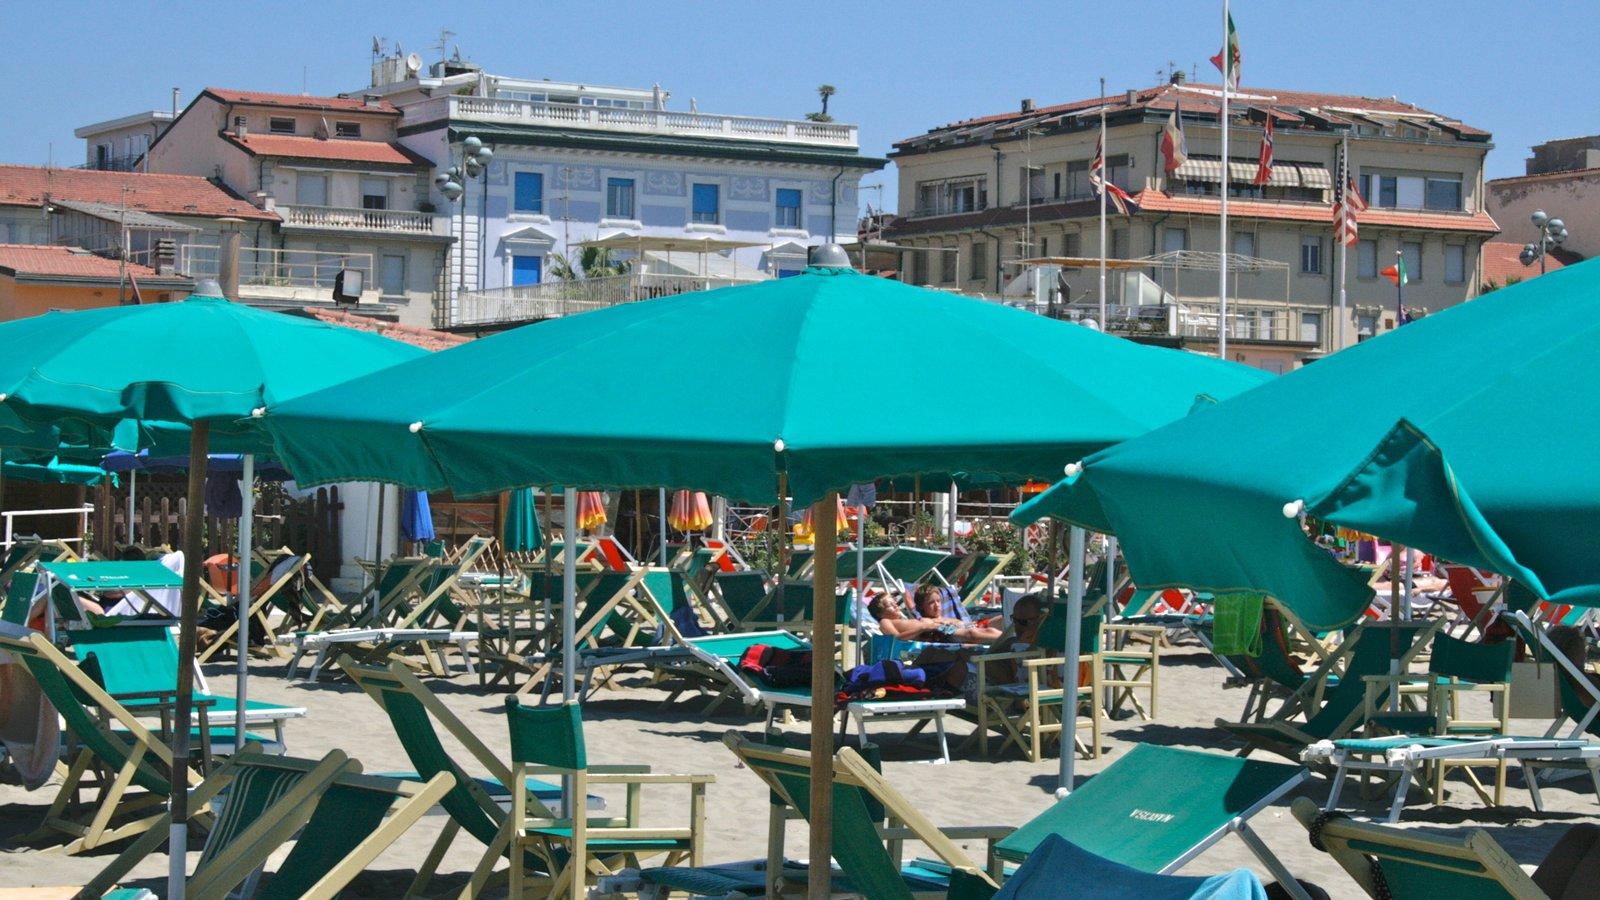 Viareggio showing general coastal views